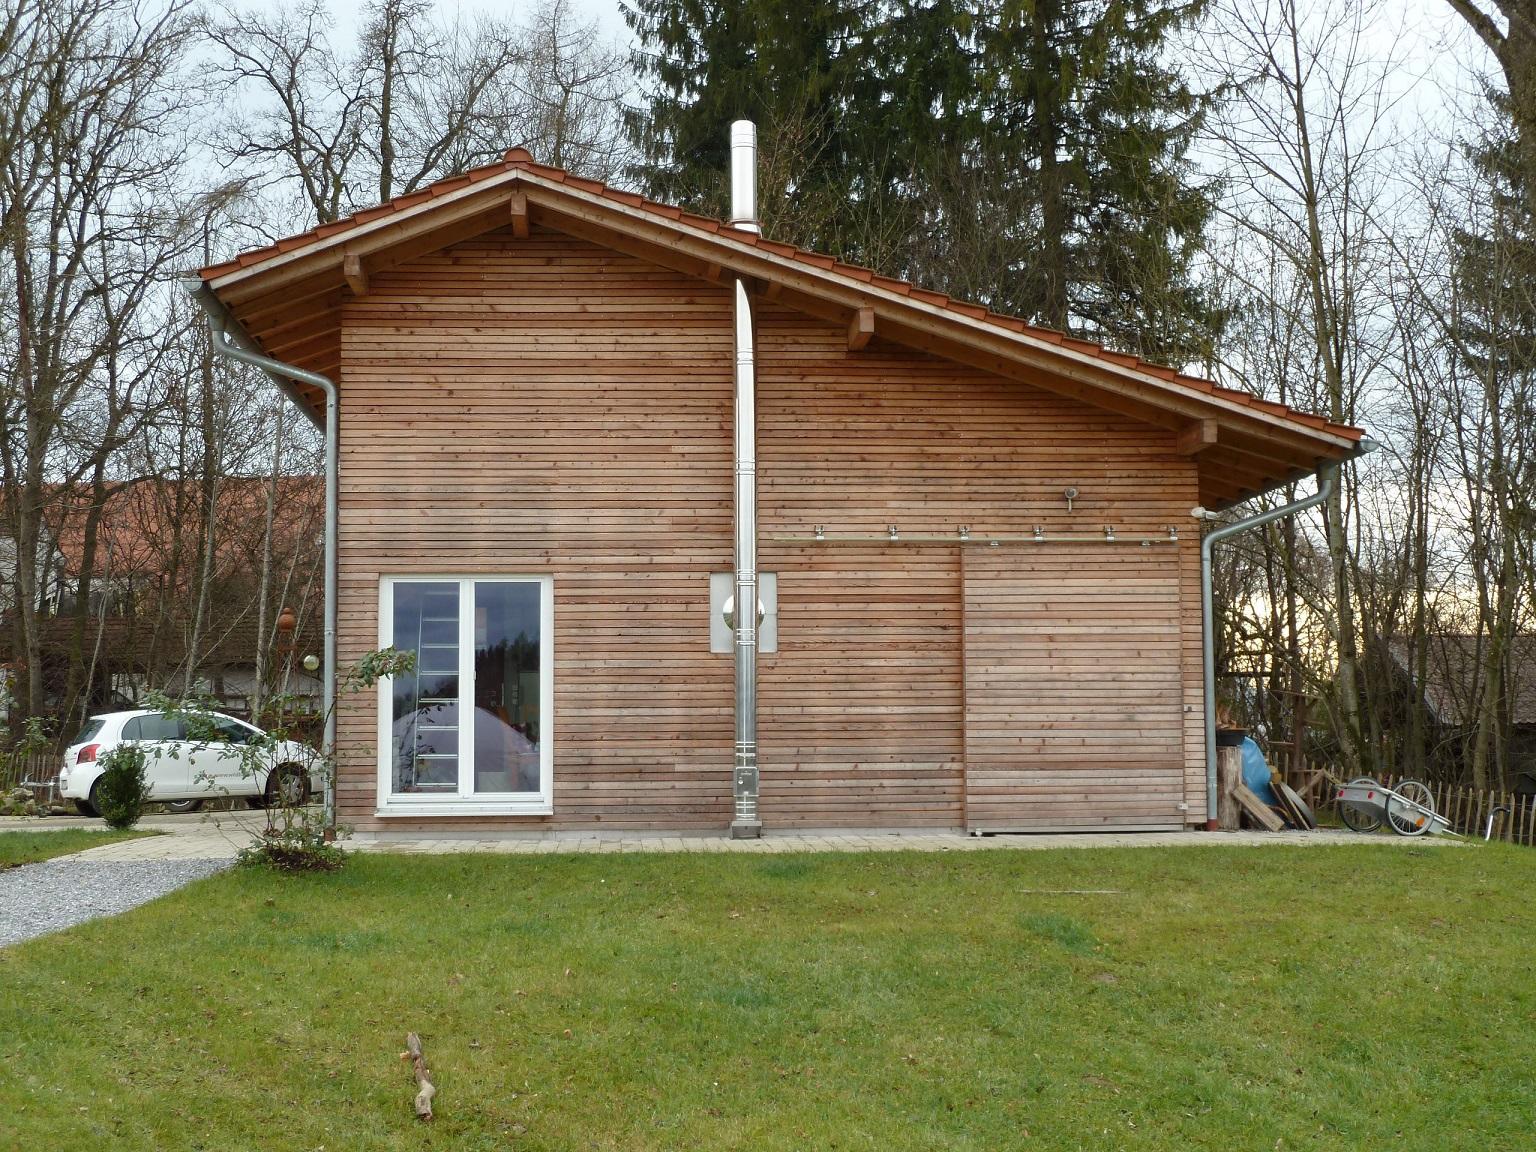 Edelstahlschornstein Bausatz Ø 200 mm - doppelwandig - Tecnovis DW-Silver